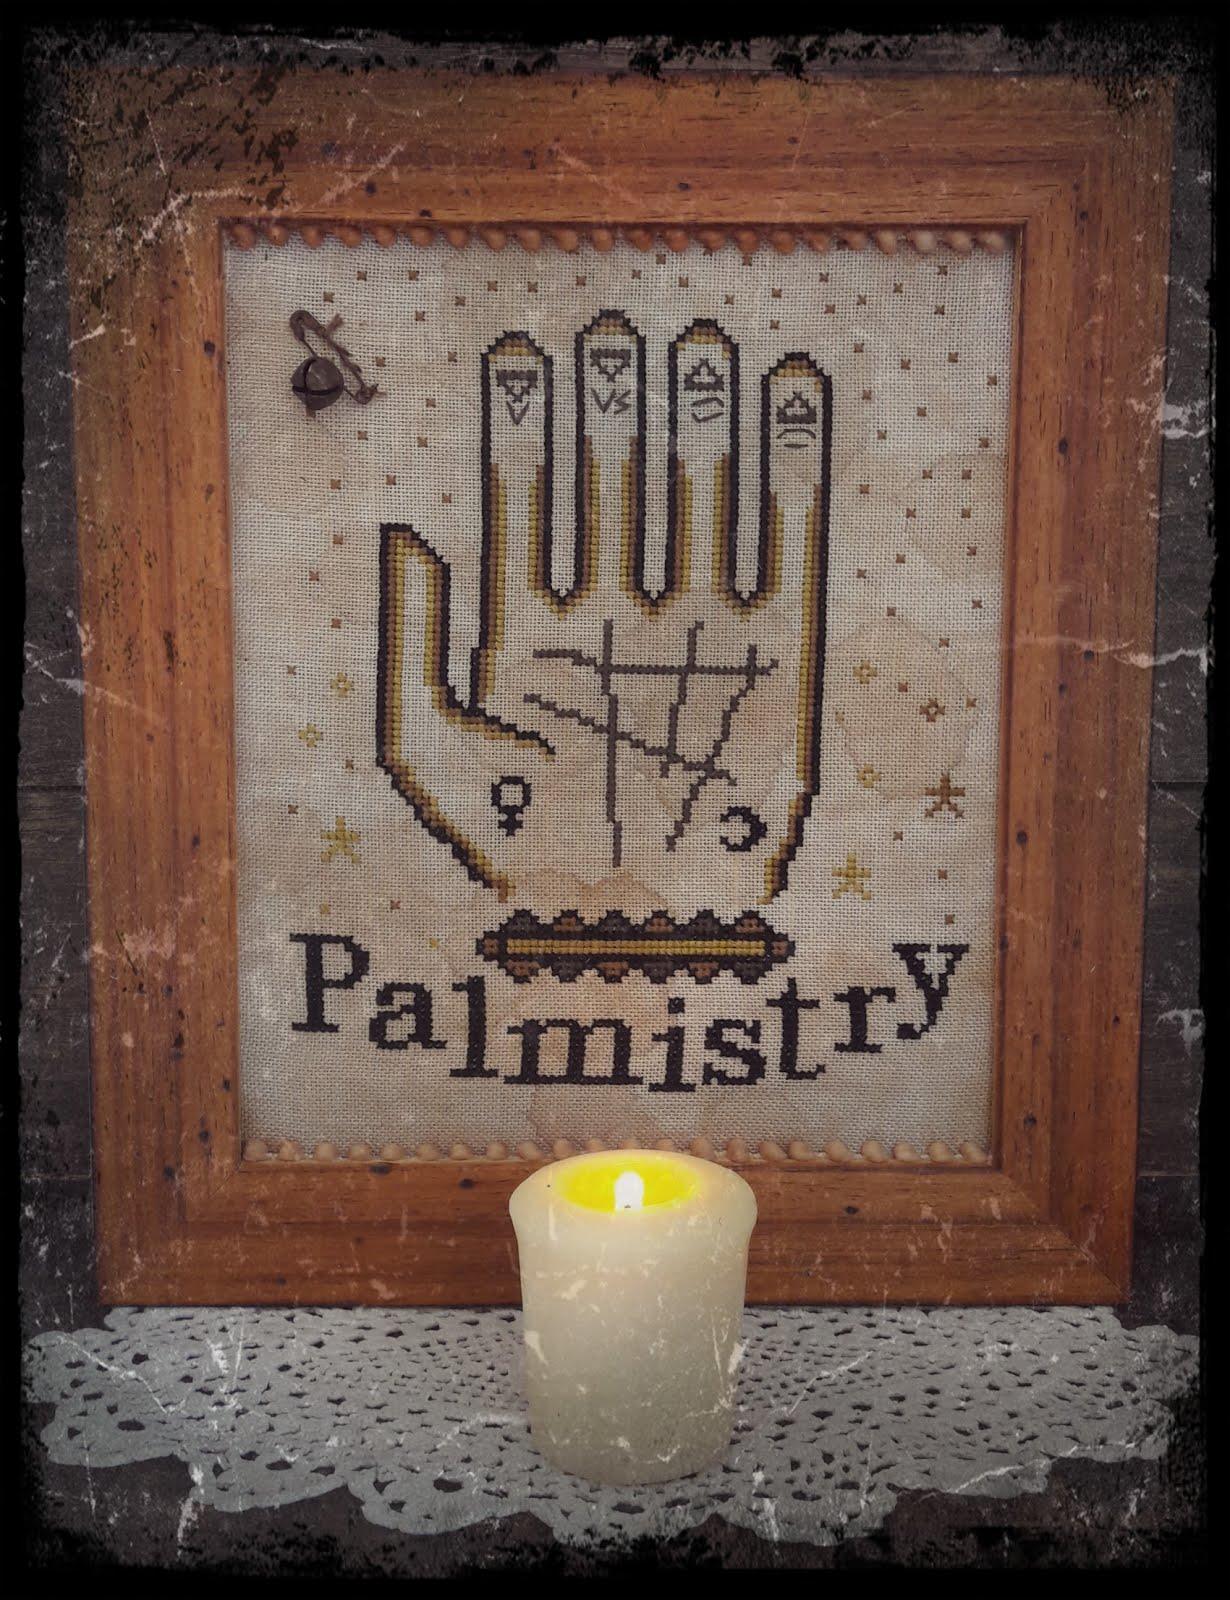 Palmisrty